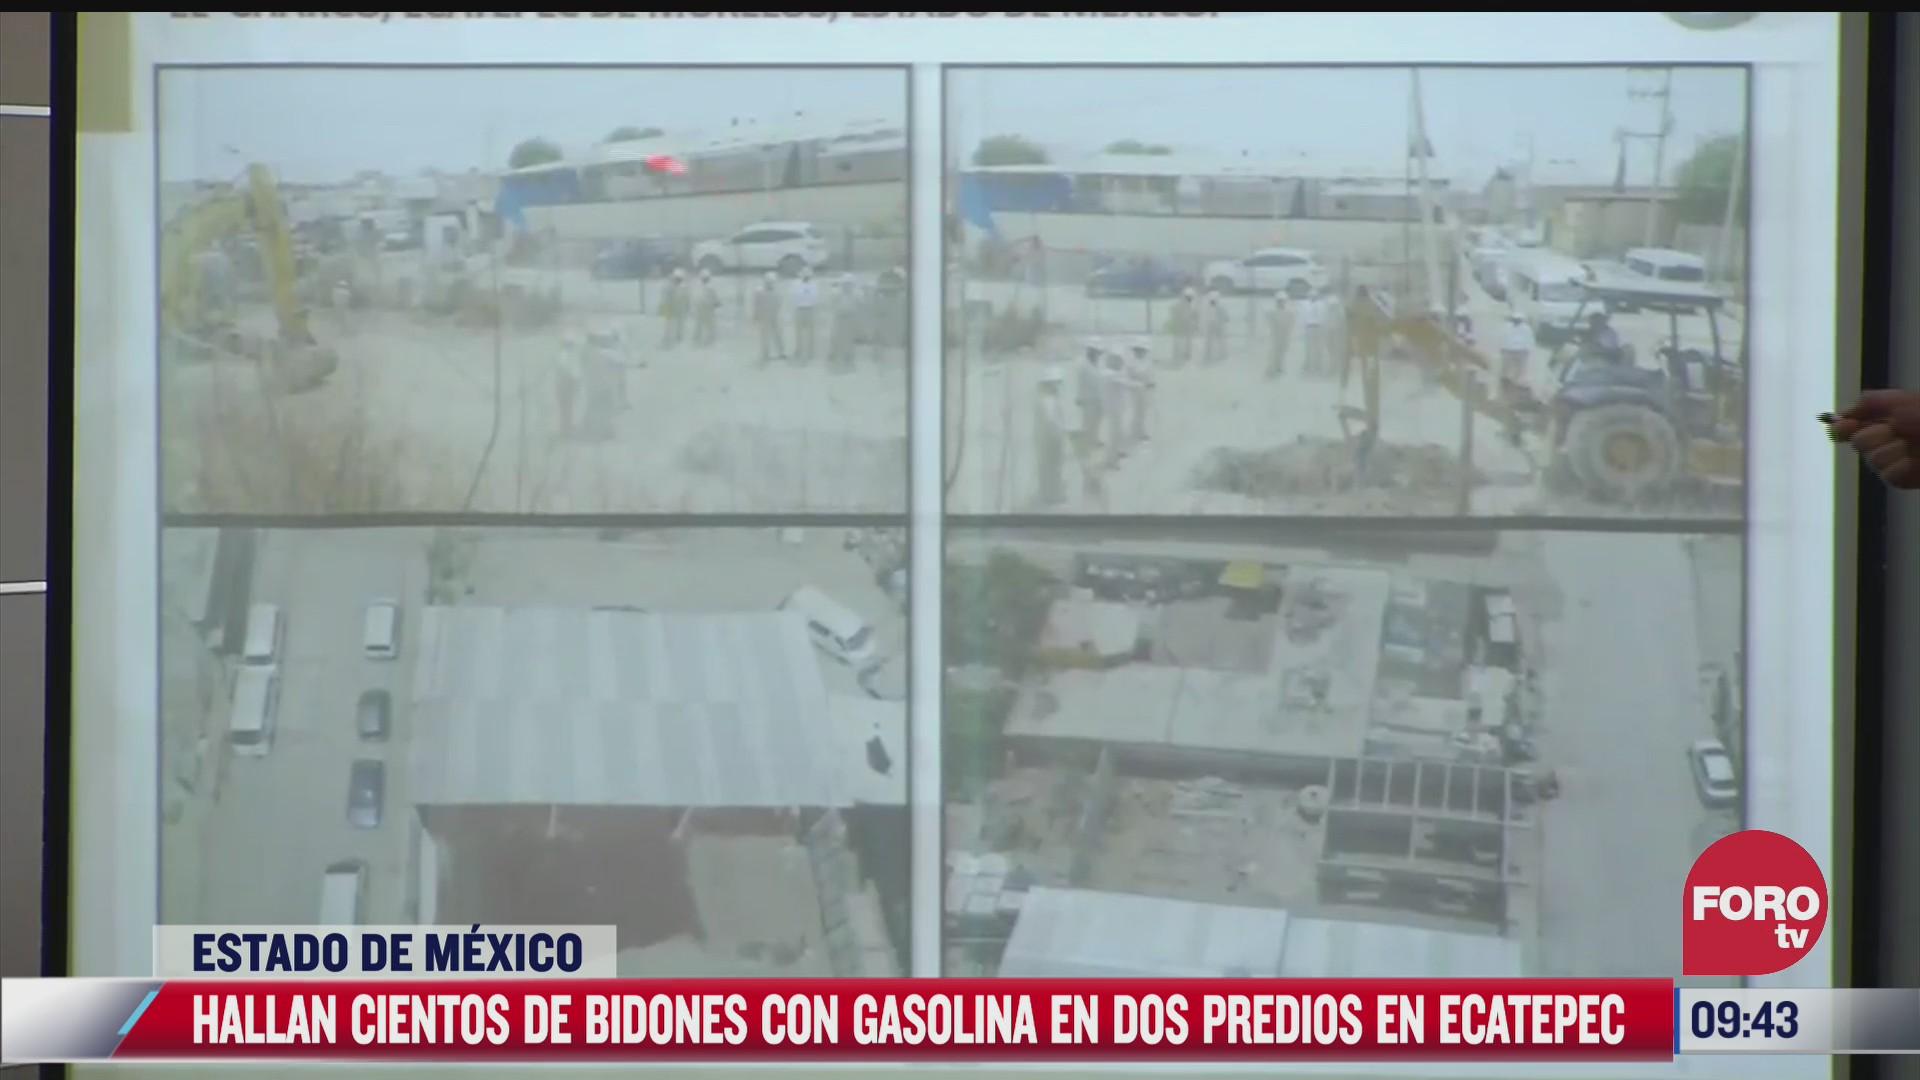 hallan toman clandestina en ecatepec estado de mexico